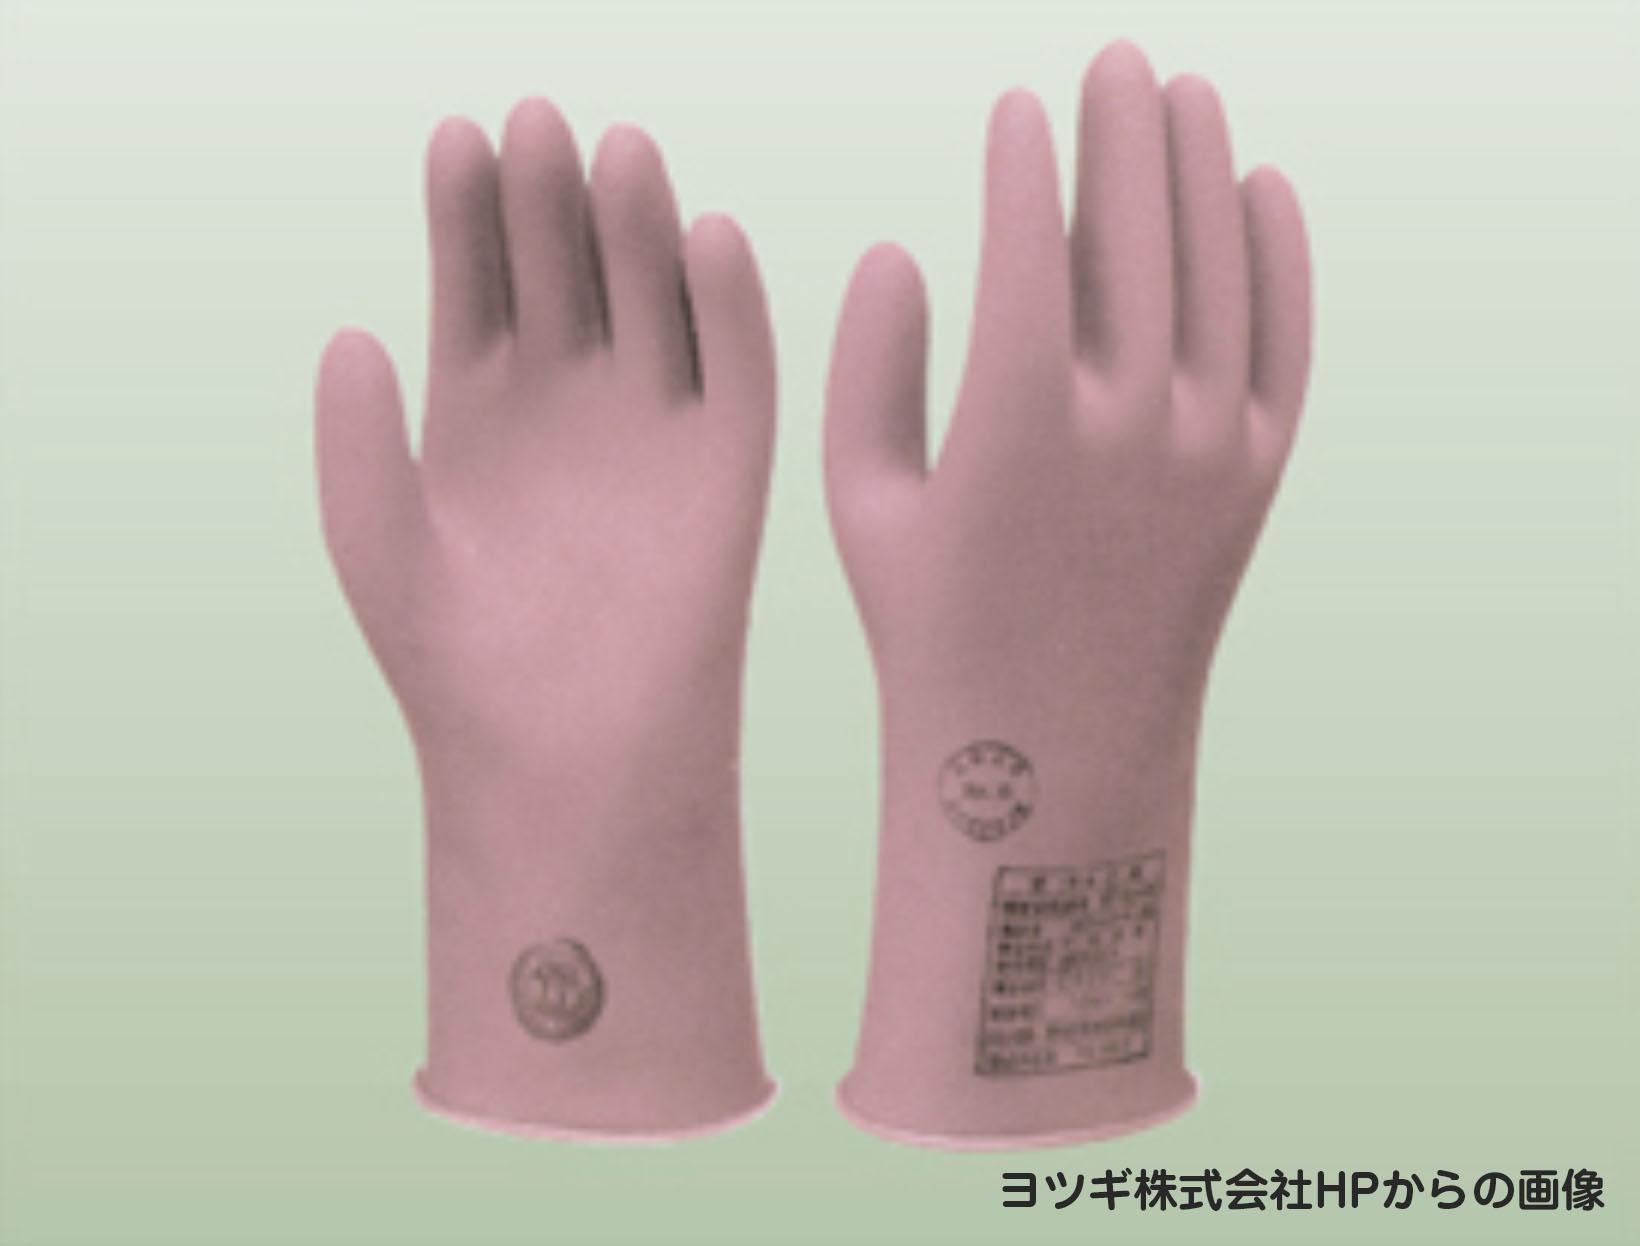 電工さんの工具箱 第18回「手袋」感電を防止するために。の画像